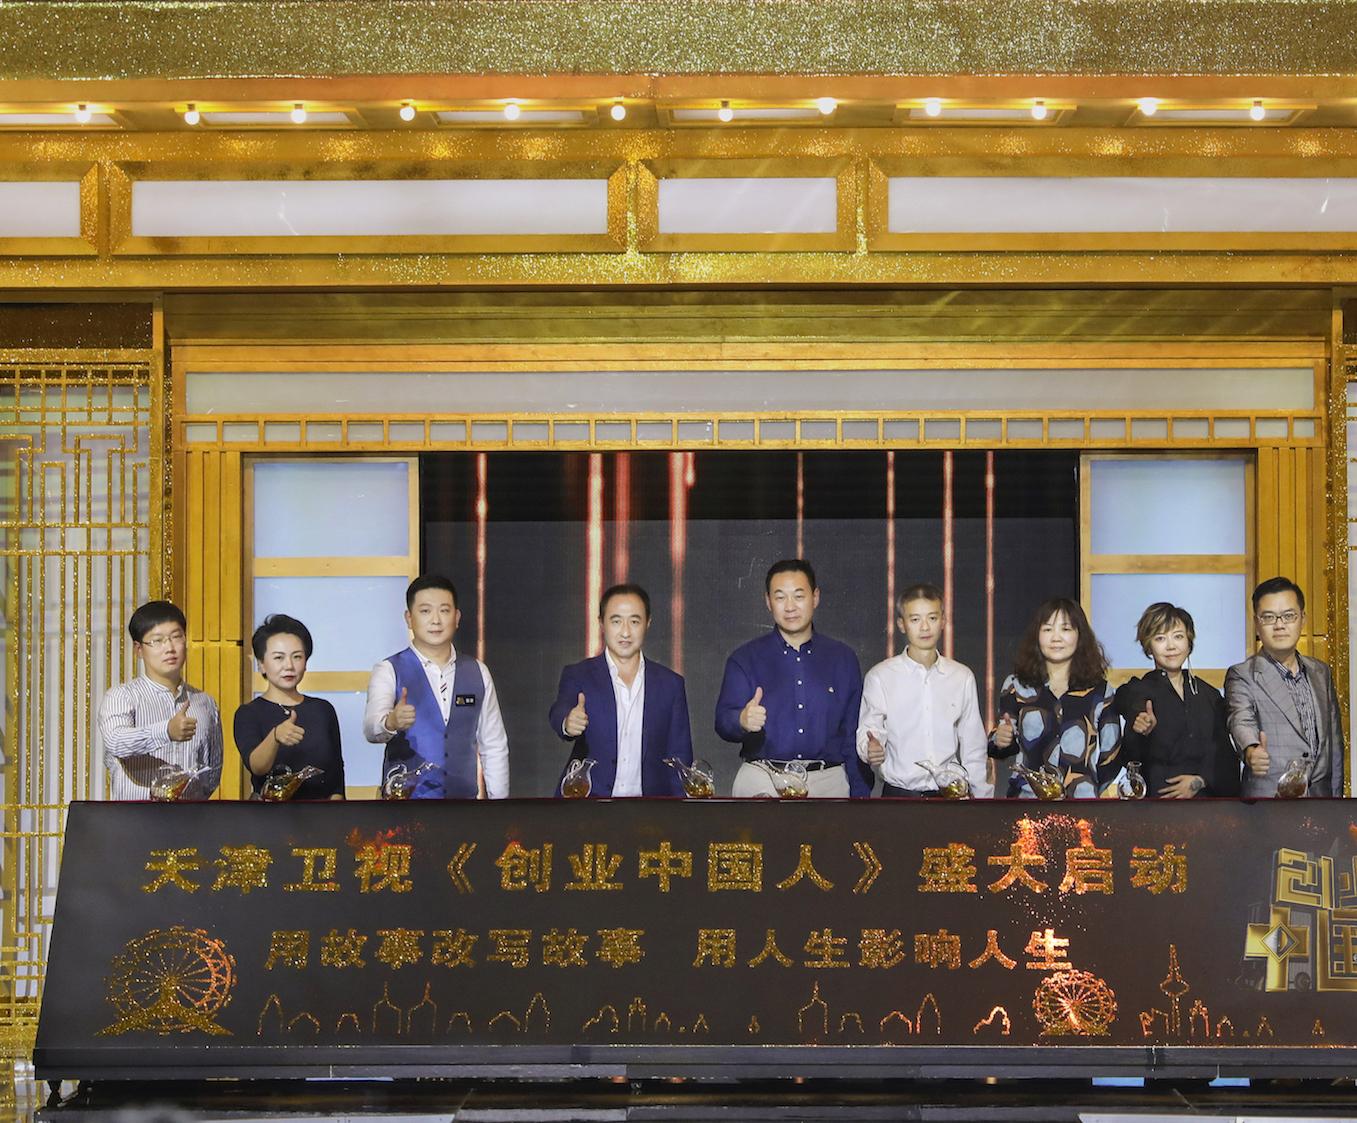 《创业中国人》启动 为创业者打造实用致富经